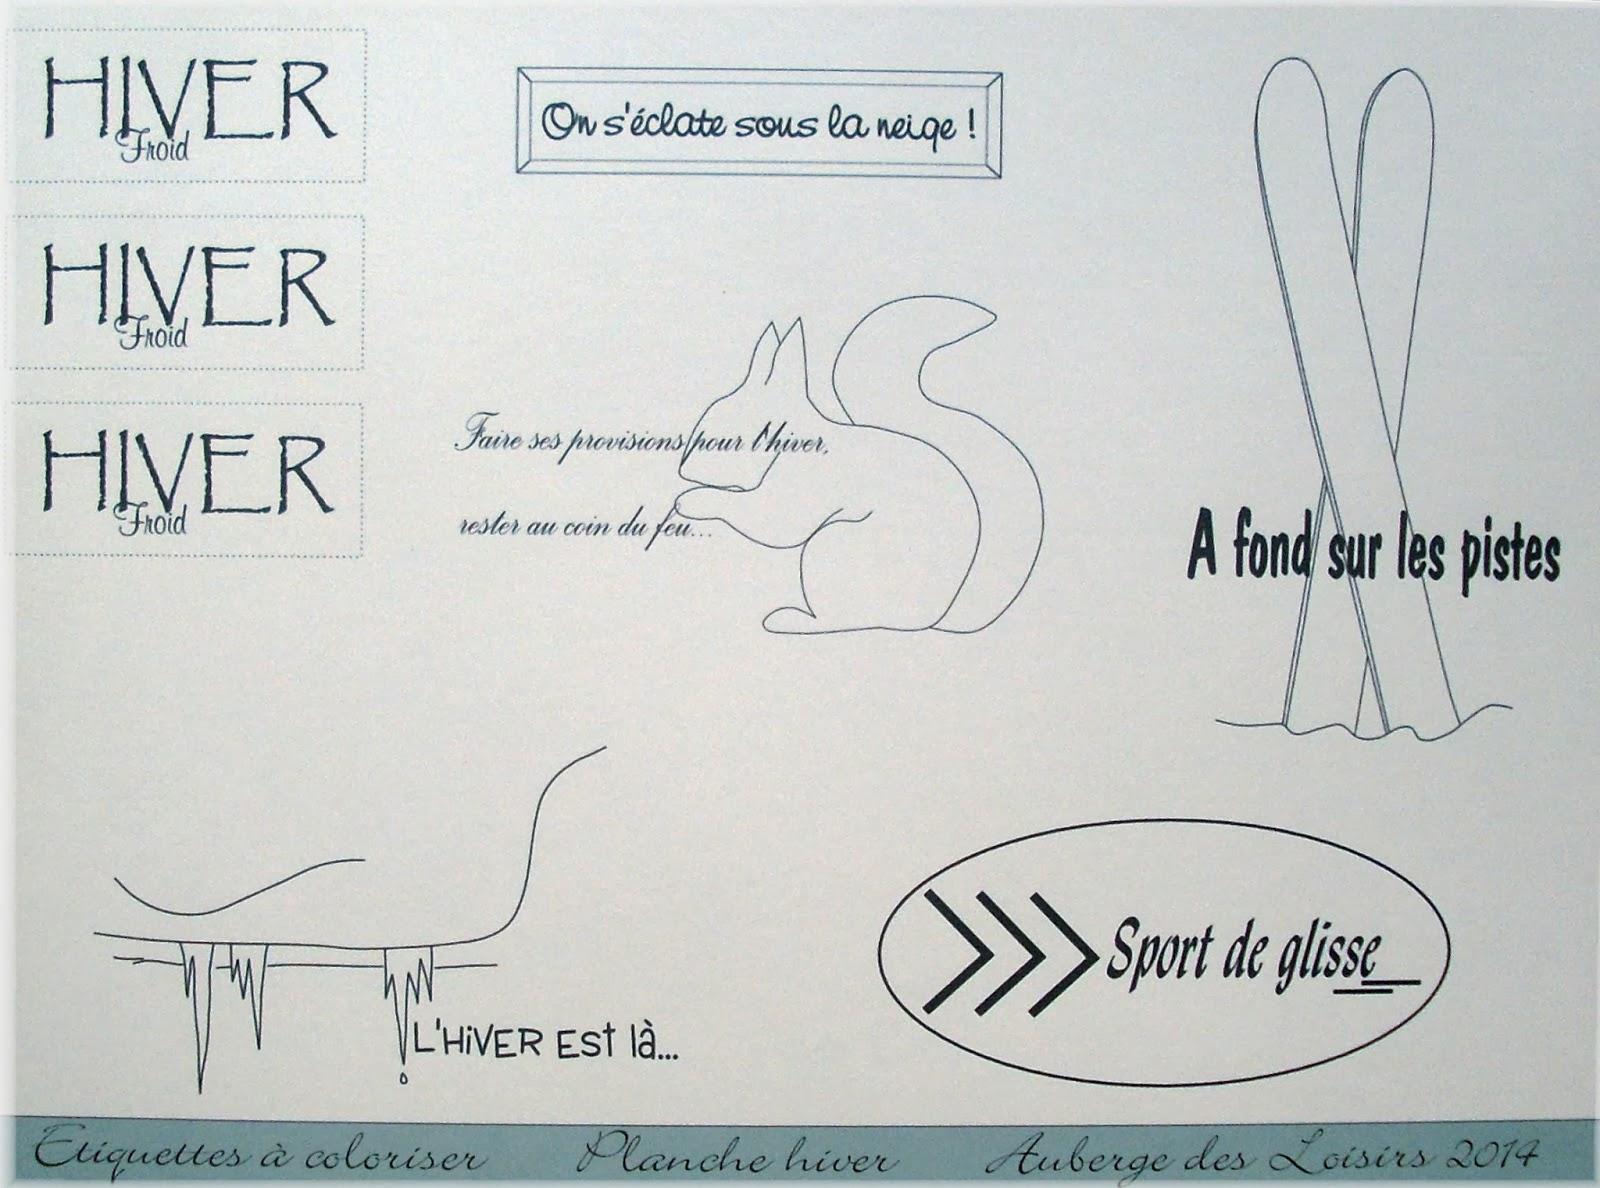 http://www.aubergedesloisirs.com/etiquettes-tags/910-etiquettes-a-coloriser-planche-hiver.html